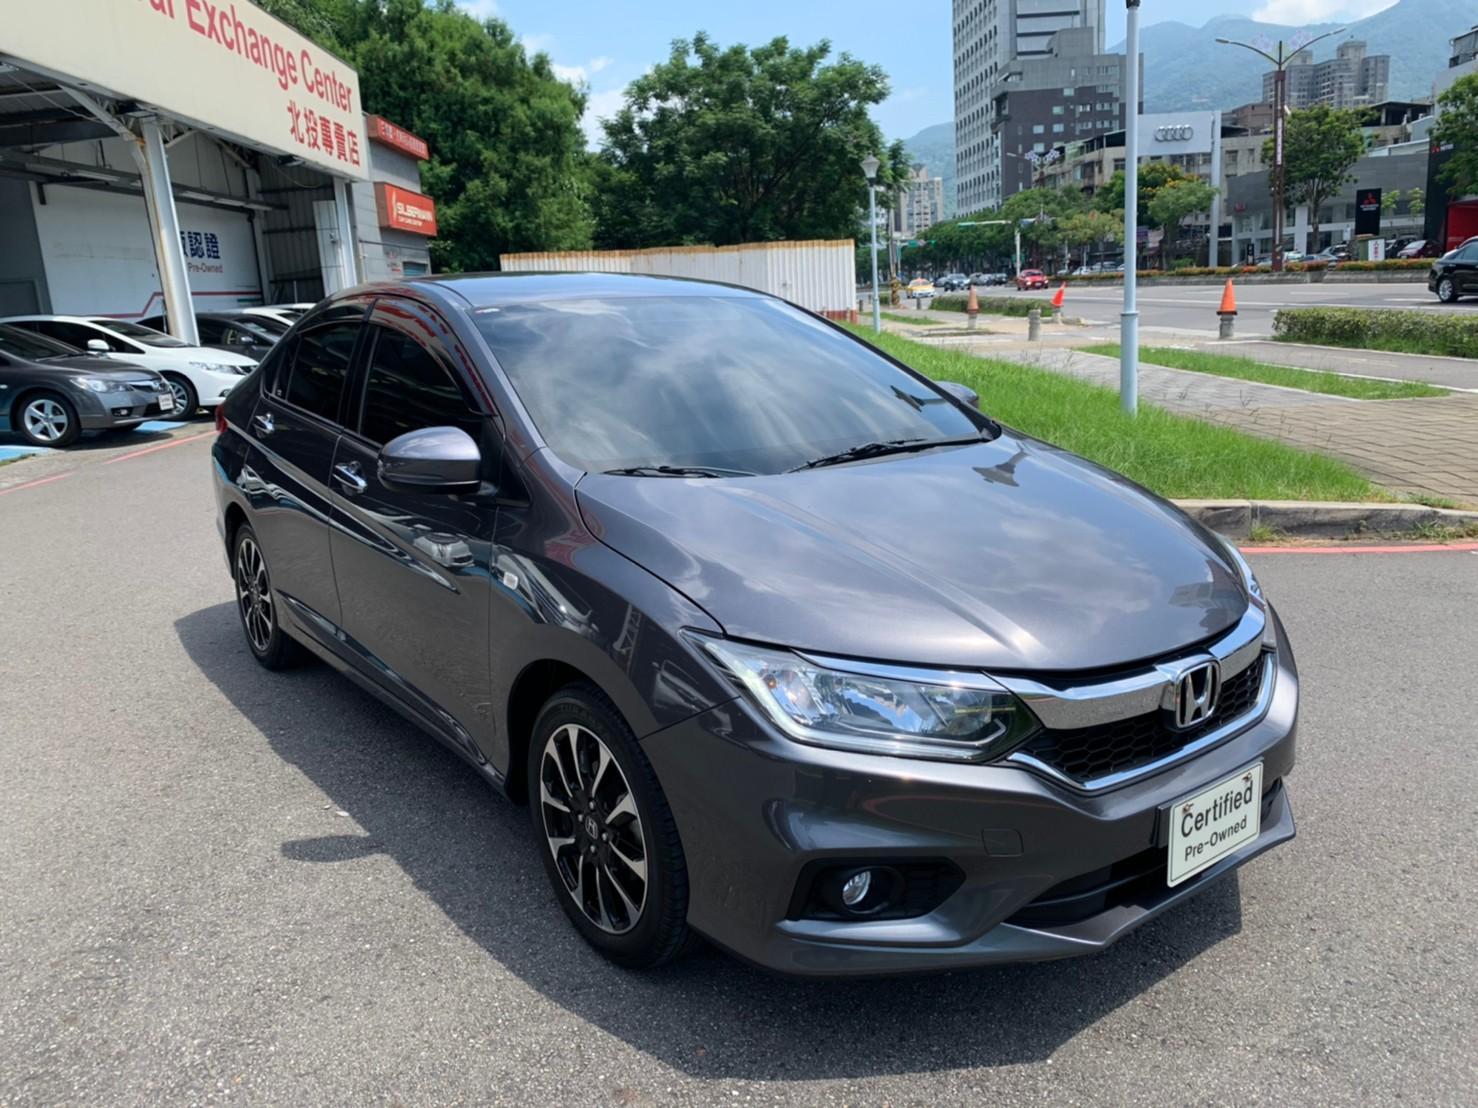 Honda City VTi-S 2018年 中古車(二手車) 51.8萬 - 原廠認證中古車abc好車網